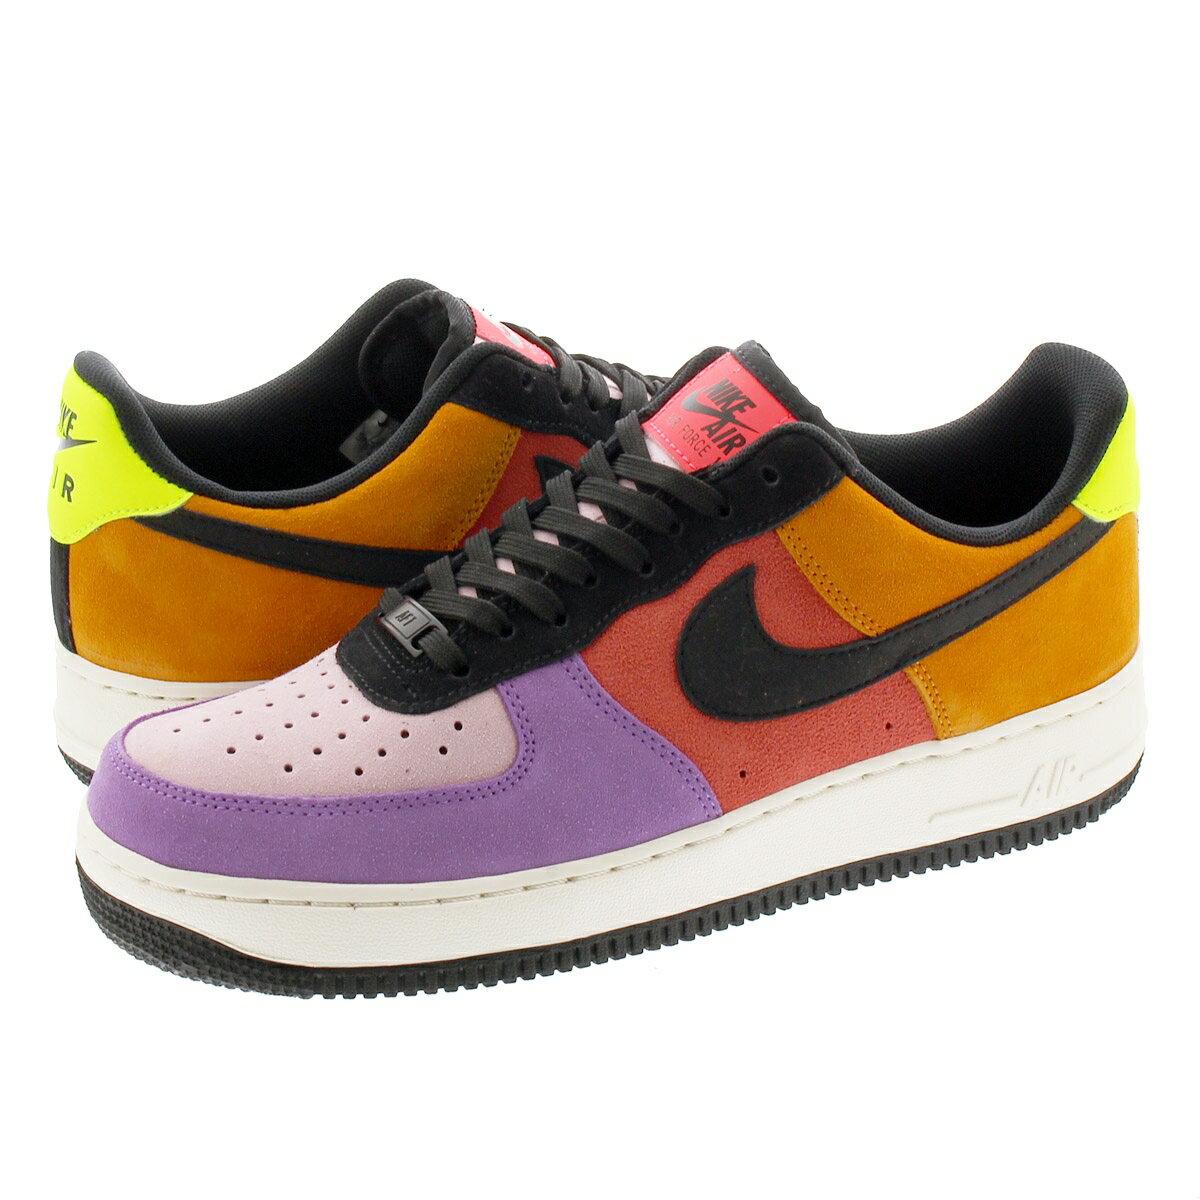 メンズ靴, スニーカー NIKE AIR FORCE 1 07 LV8 1 07 LV8 PRISM PINKBLACKBRIGHT VIOLET cu1929-605